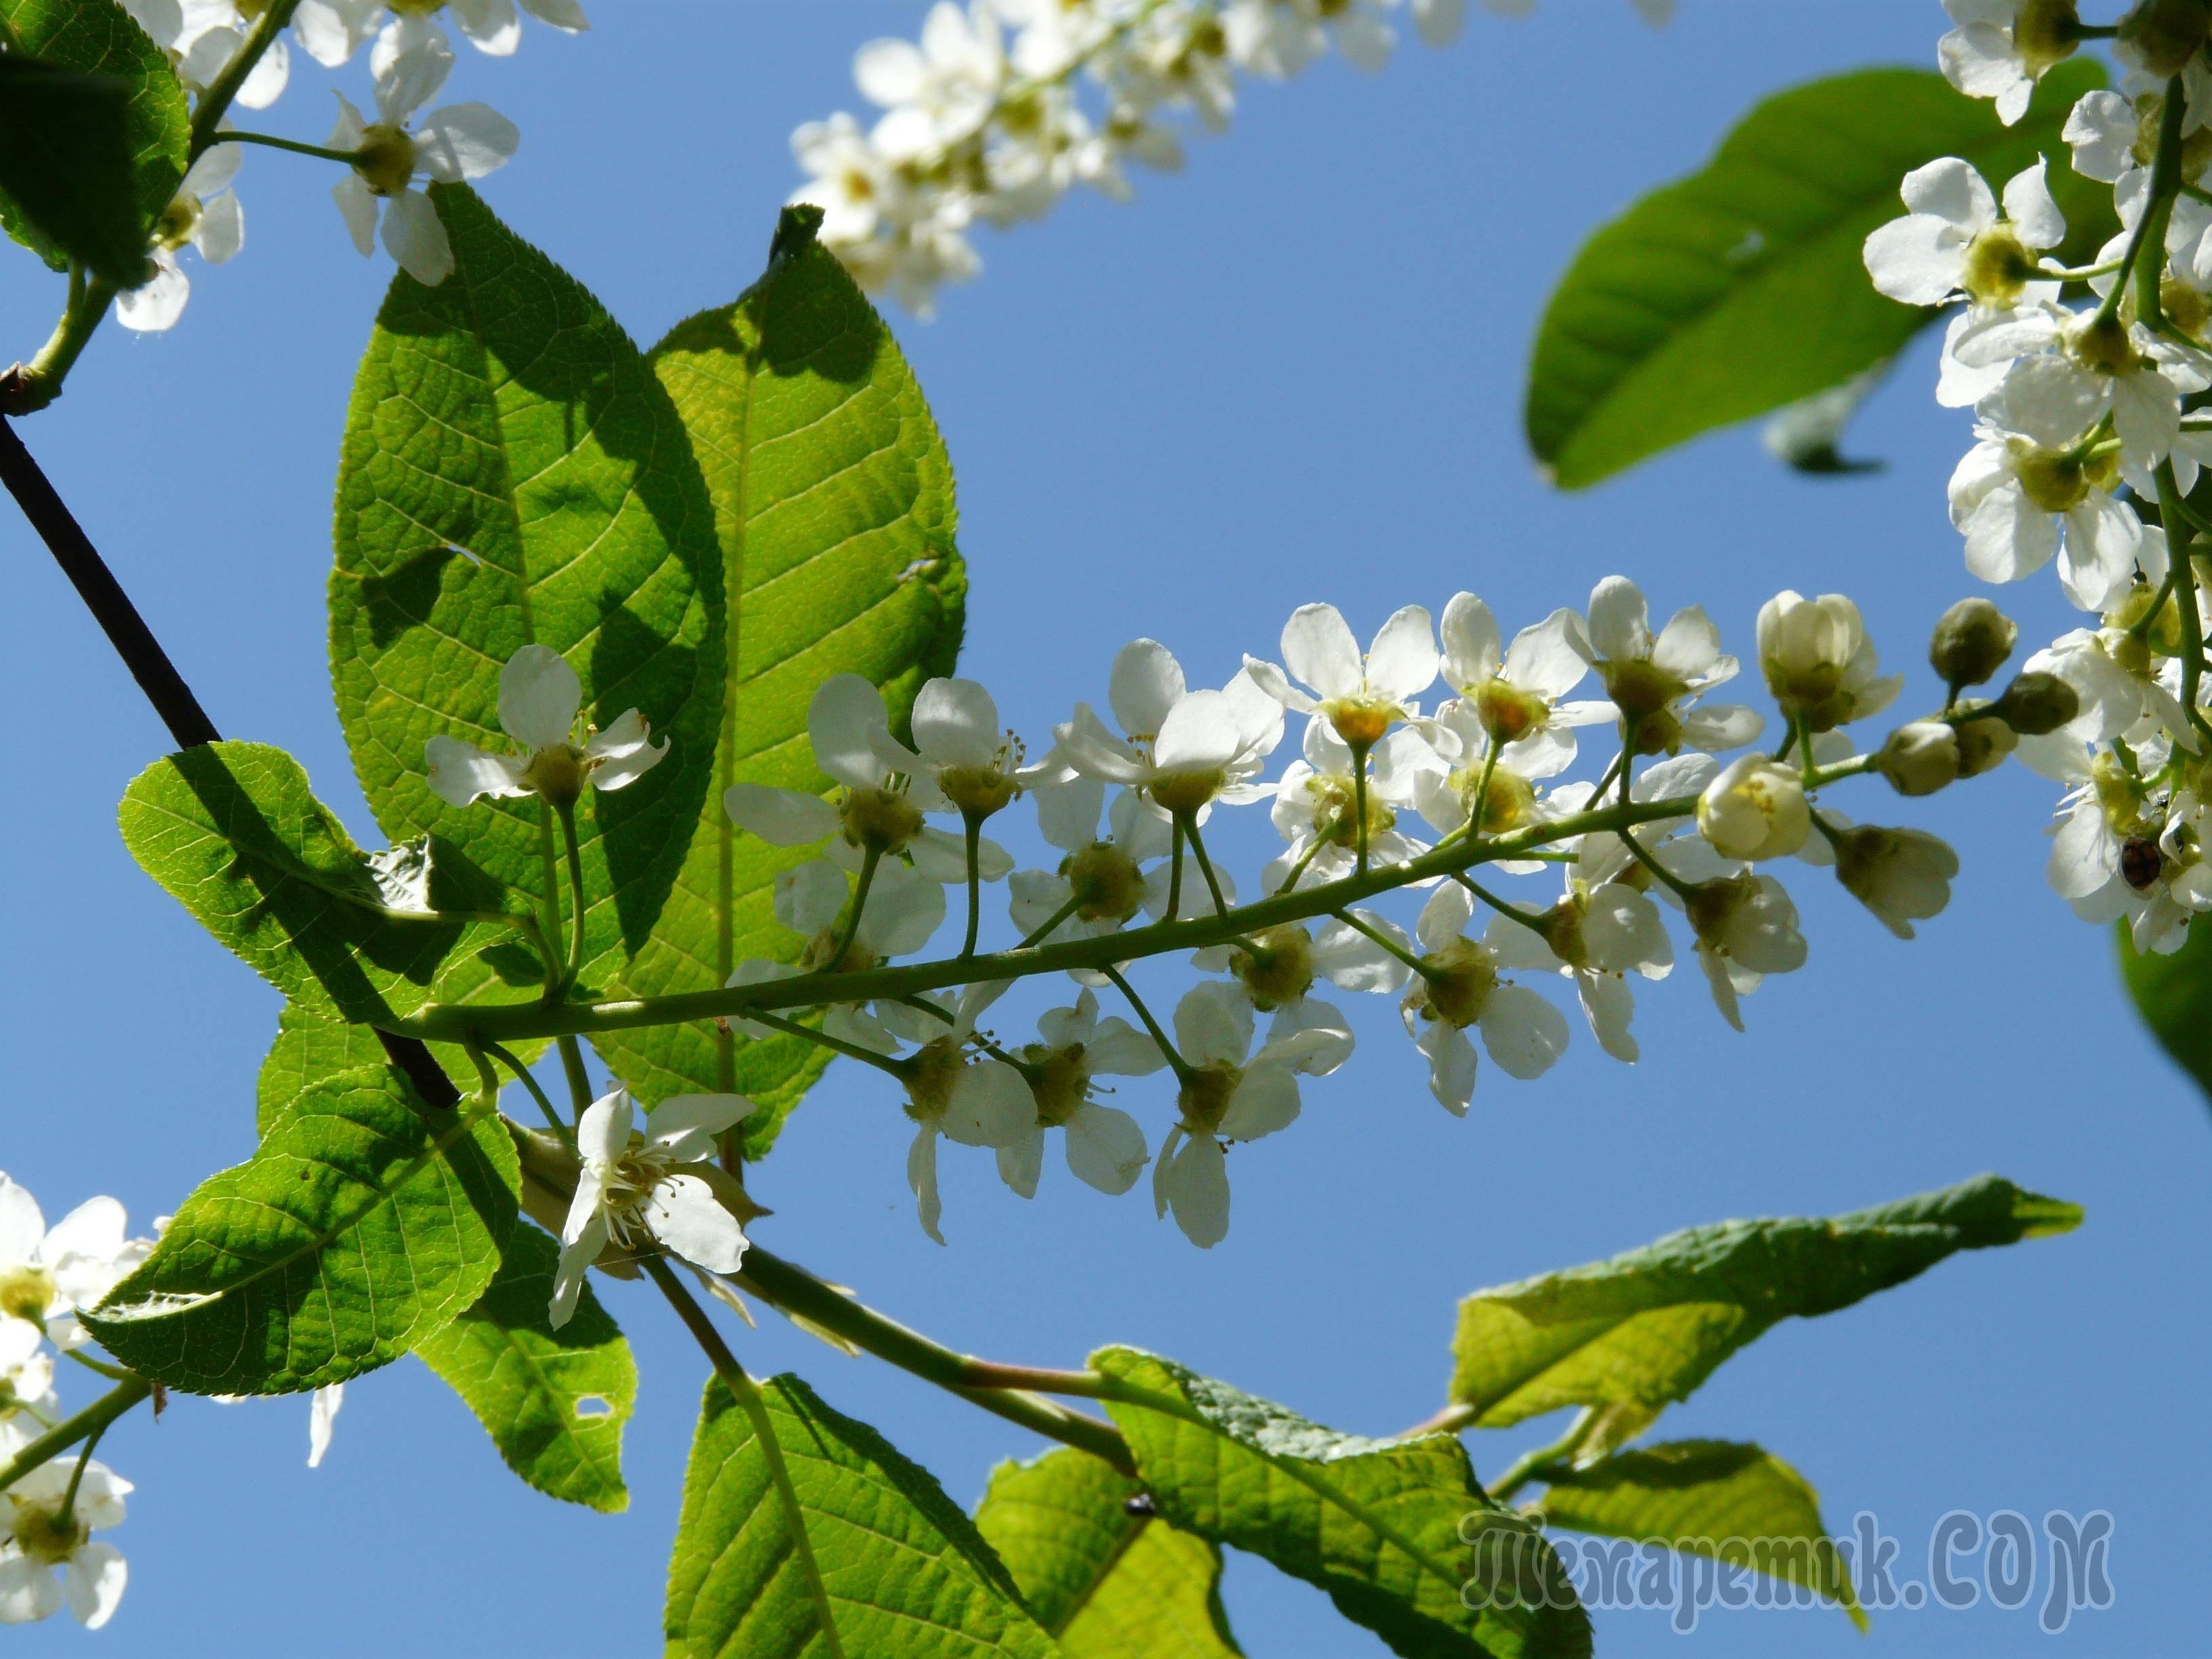 Черешня цветет не плодоносит что делать. почему черешня не плодоносит. черешня не плодоносит, причины, решение проблемы, видео